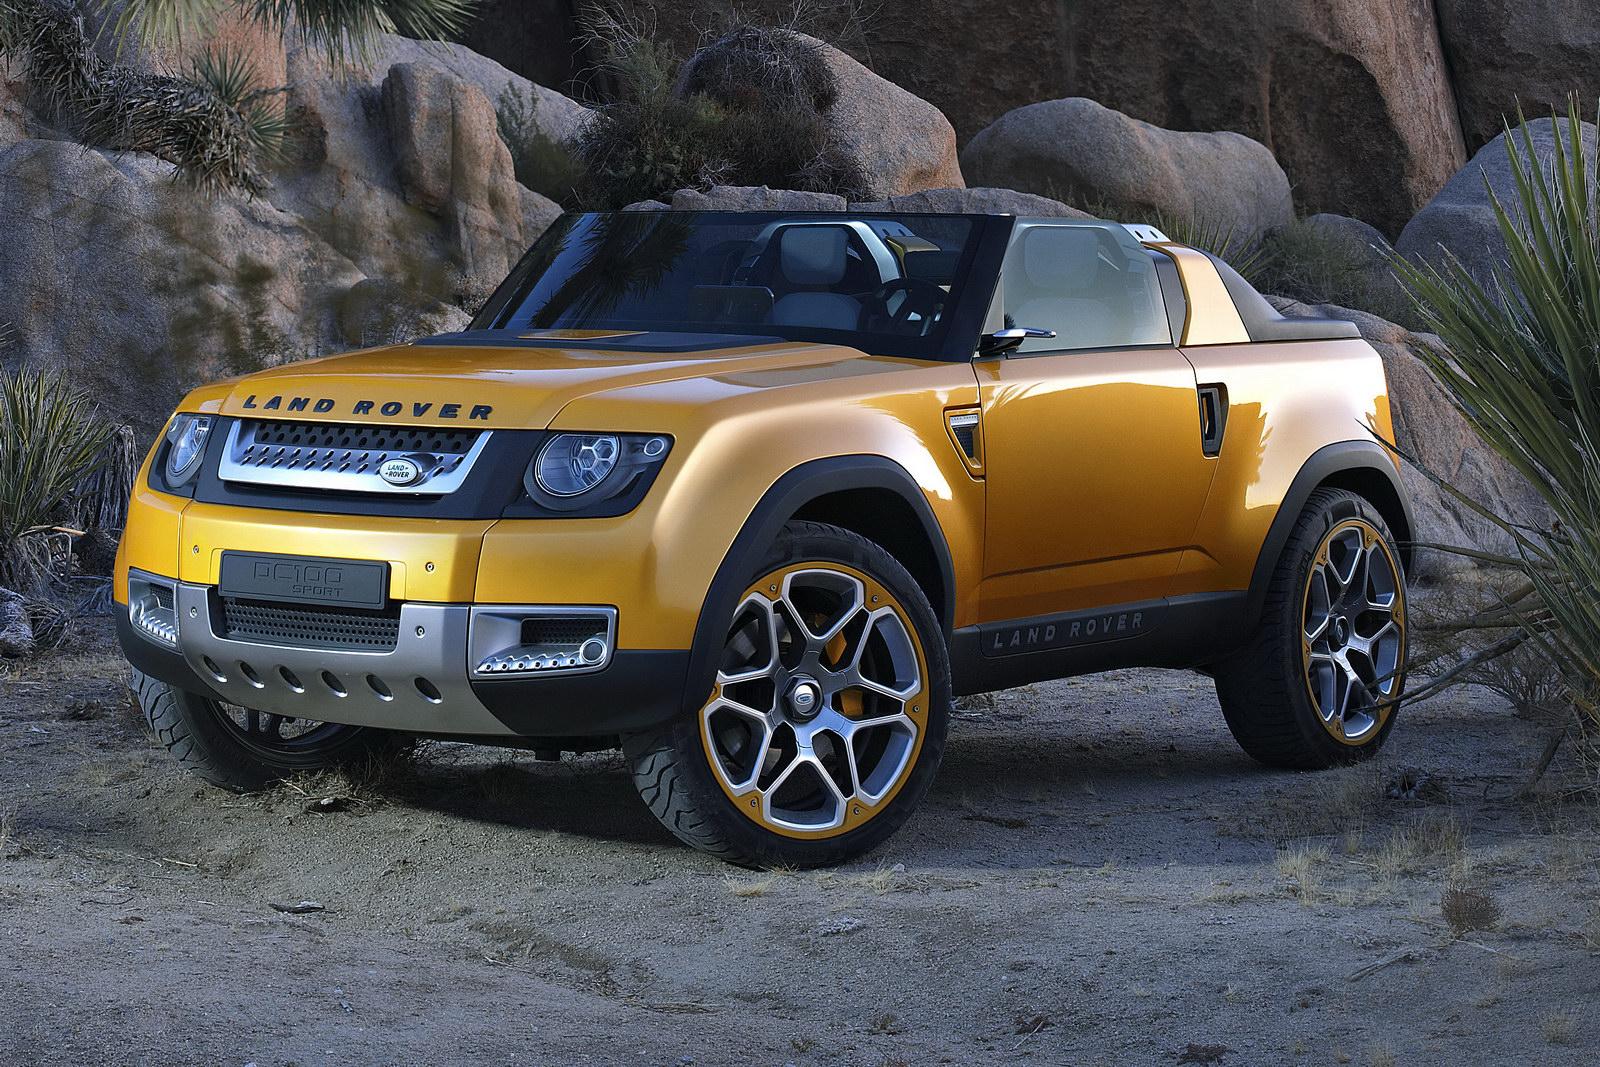 Land rover привезет в лос-анджелес обновленный концепт dc100